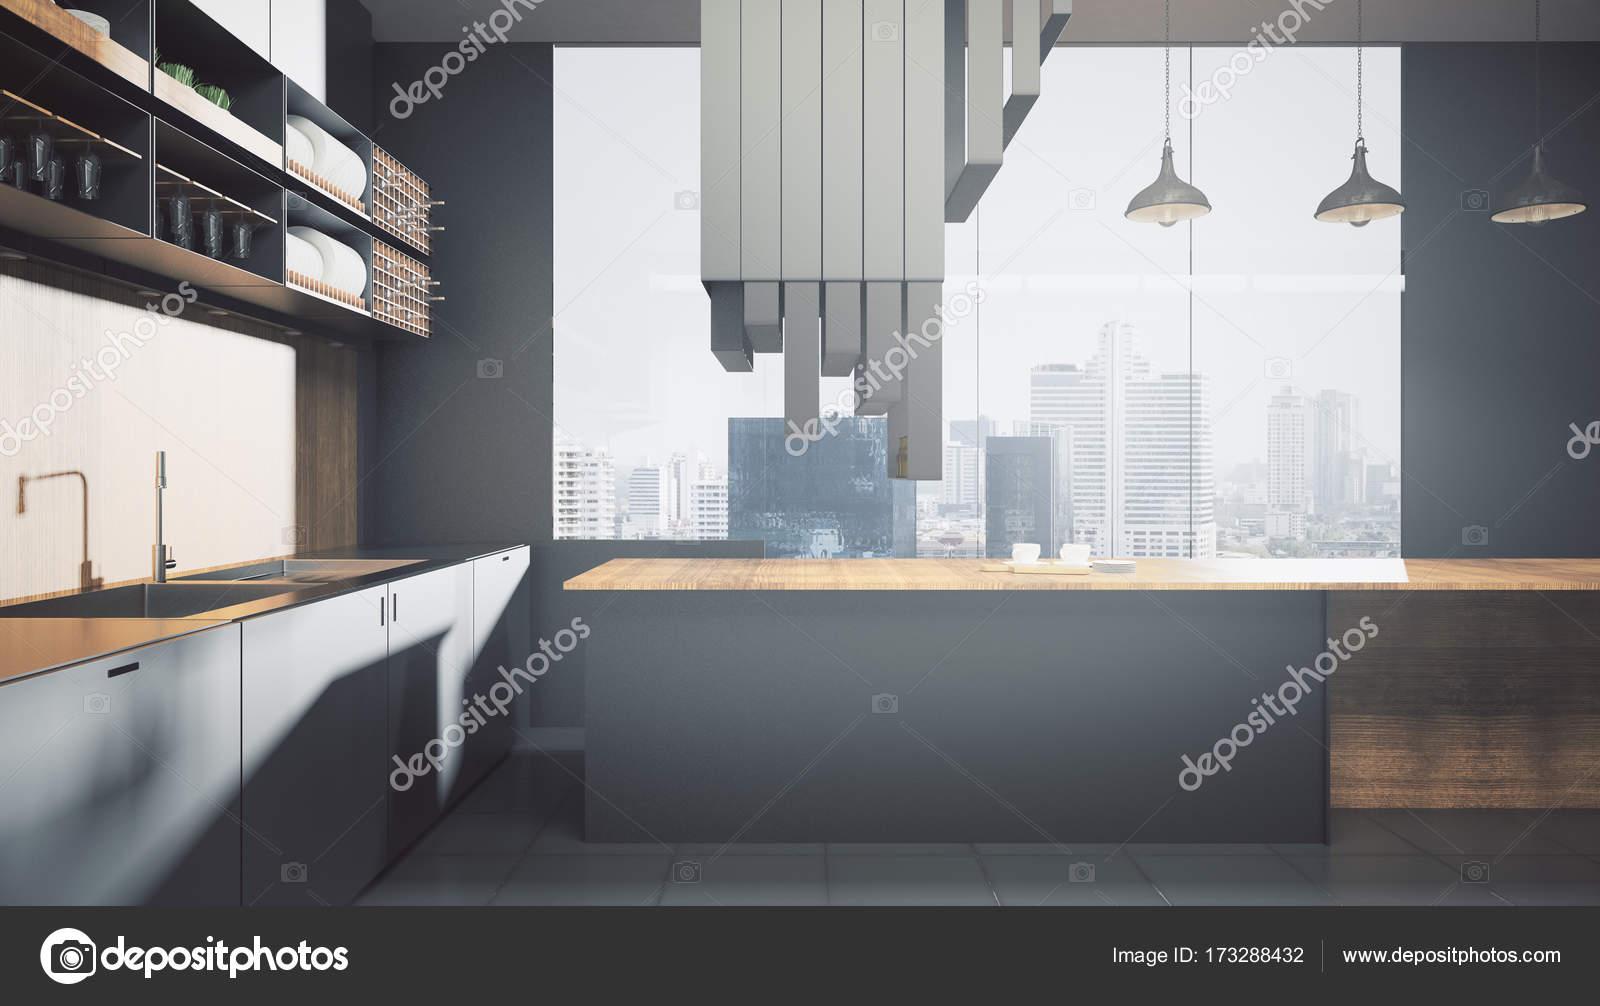 Zeitgenössische dunkle Küche Interieur — Stockfoto © peshkov #173288432